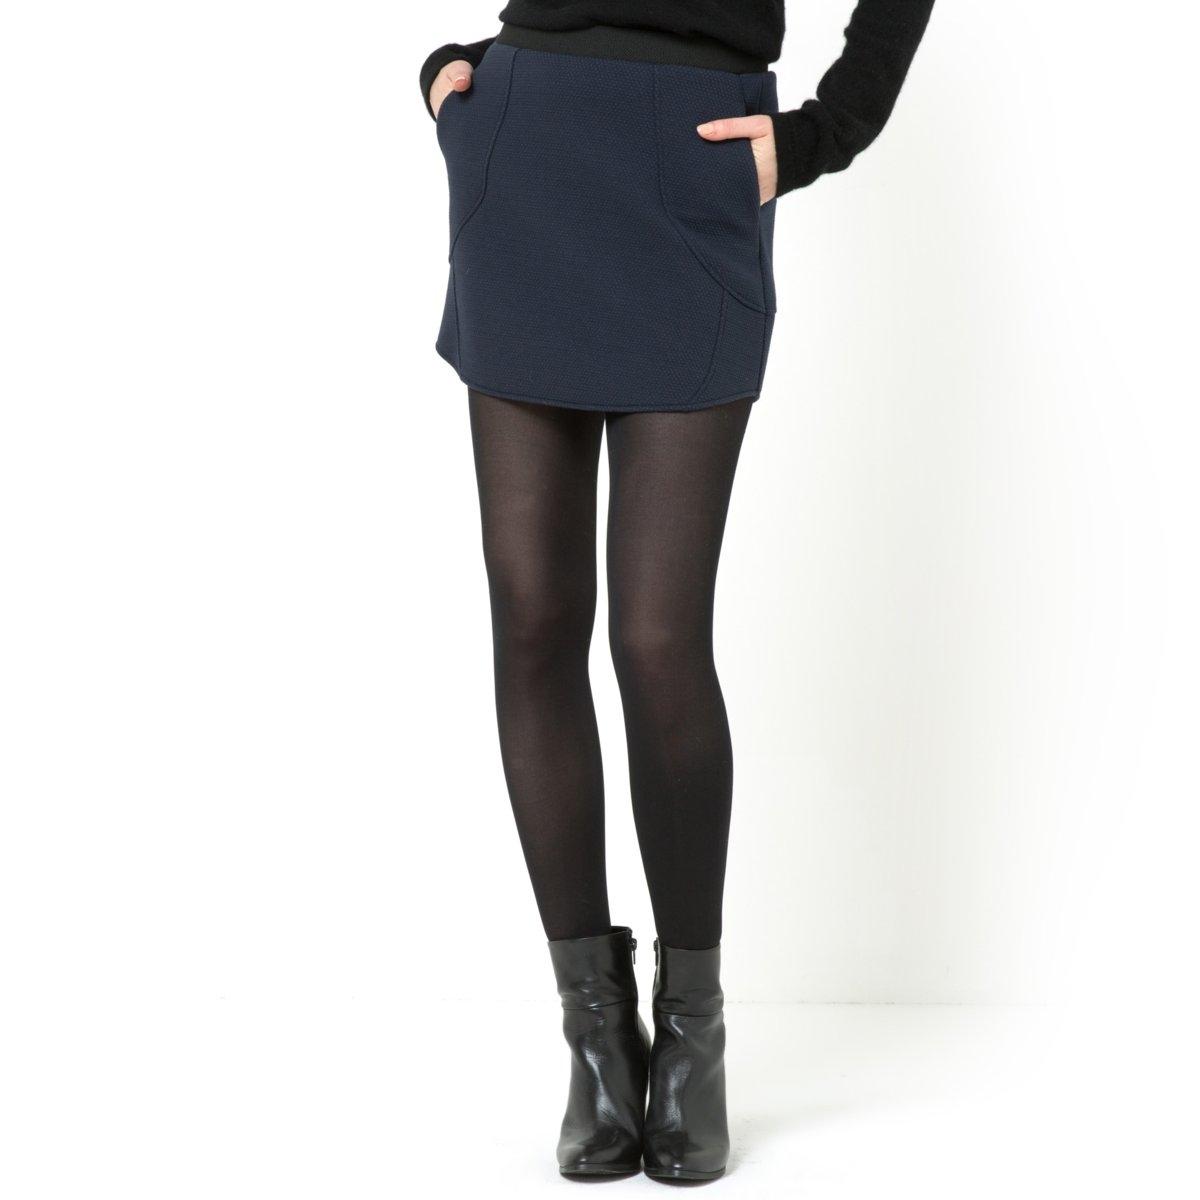 Юбка спортивнаяСпортивная юбка с рельефной фактурой. Несколько декоративных вырезов. 2 кармана. 54% полиэстера, 33% хлопка, 11,5% полиамида, 1,5% эластана.Длина 40 см.<br><br>Цвет: синий морской<br>Размер: 40 (FR) - 46 (RUS).48 (FR) - 54 (RUS)